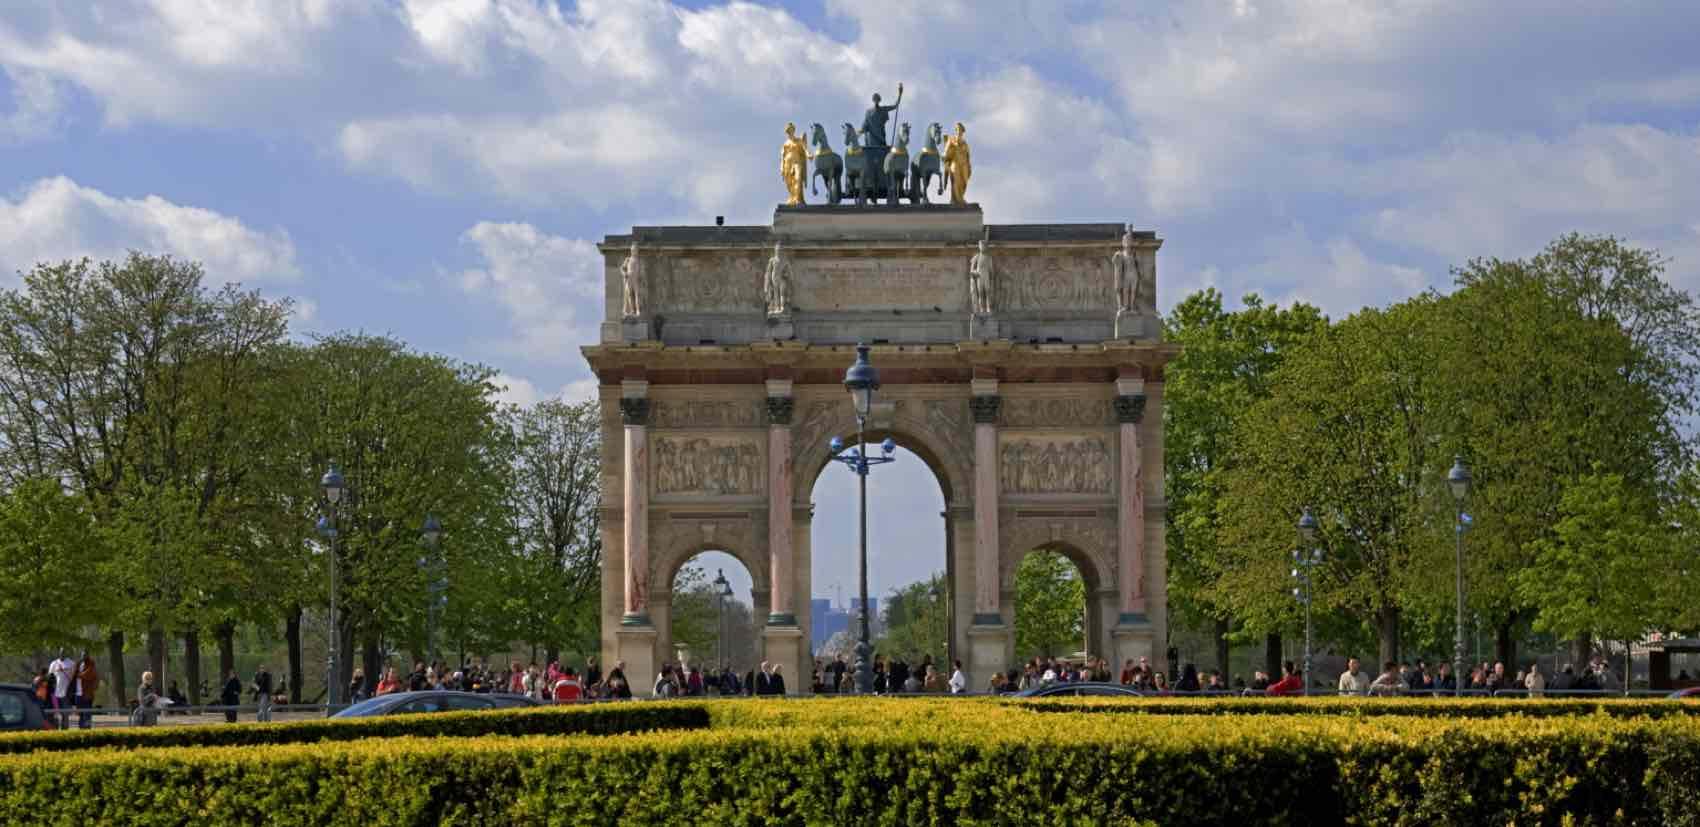 Triumfbuen, Arc de triomphe de l'Étoile, et monument på Place Charles de Gaulle i Paris, i Champs-Élysées' vestlige ende.